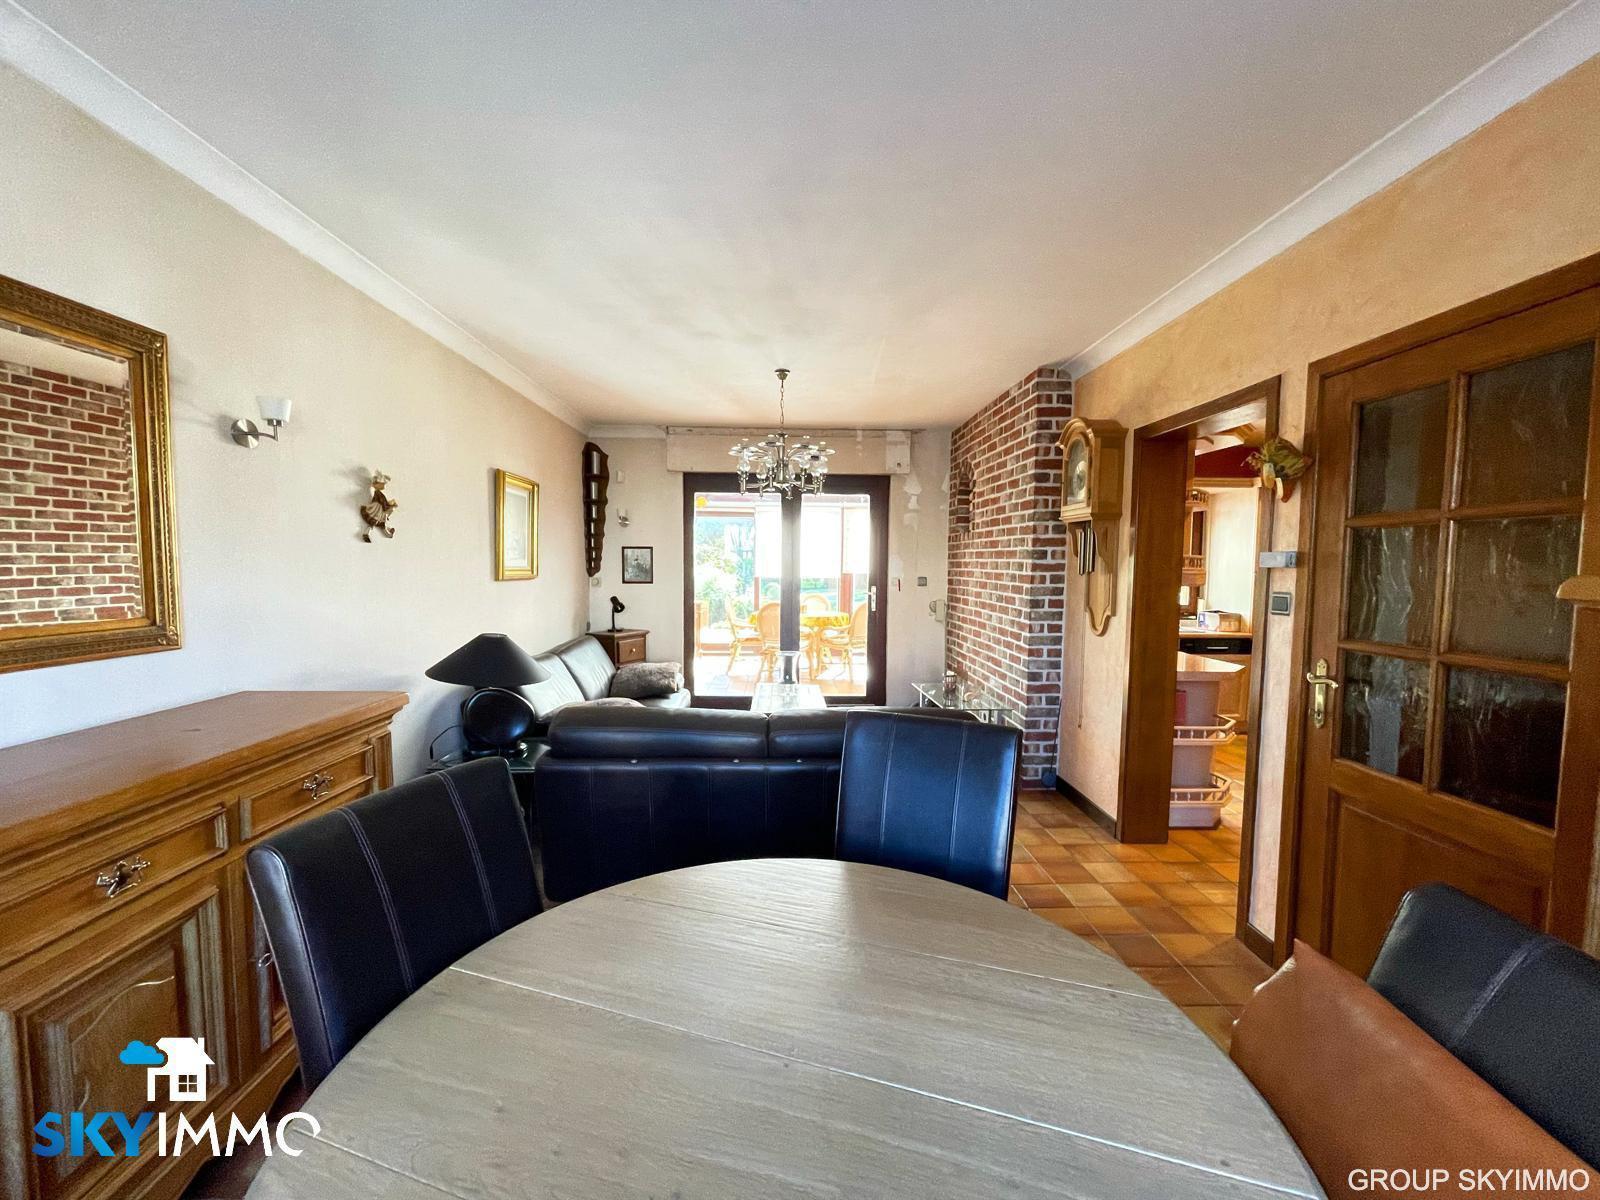 Maison unifamiliale - Flemalle - #4529033-6